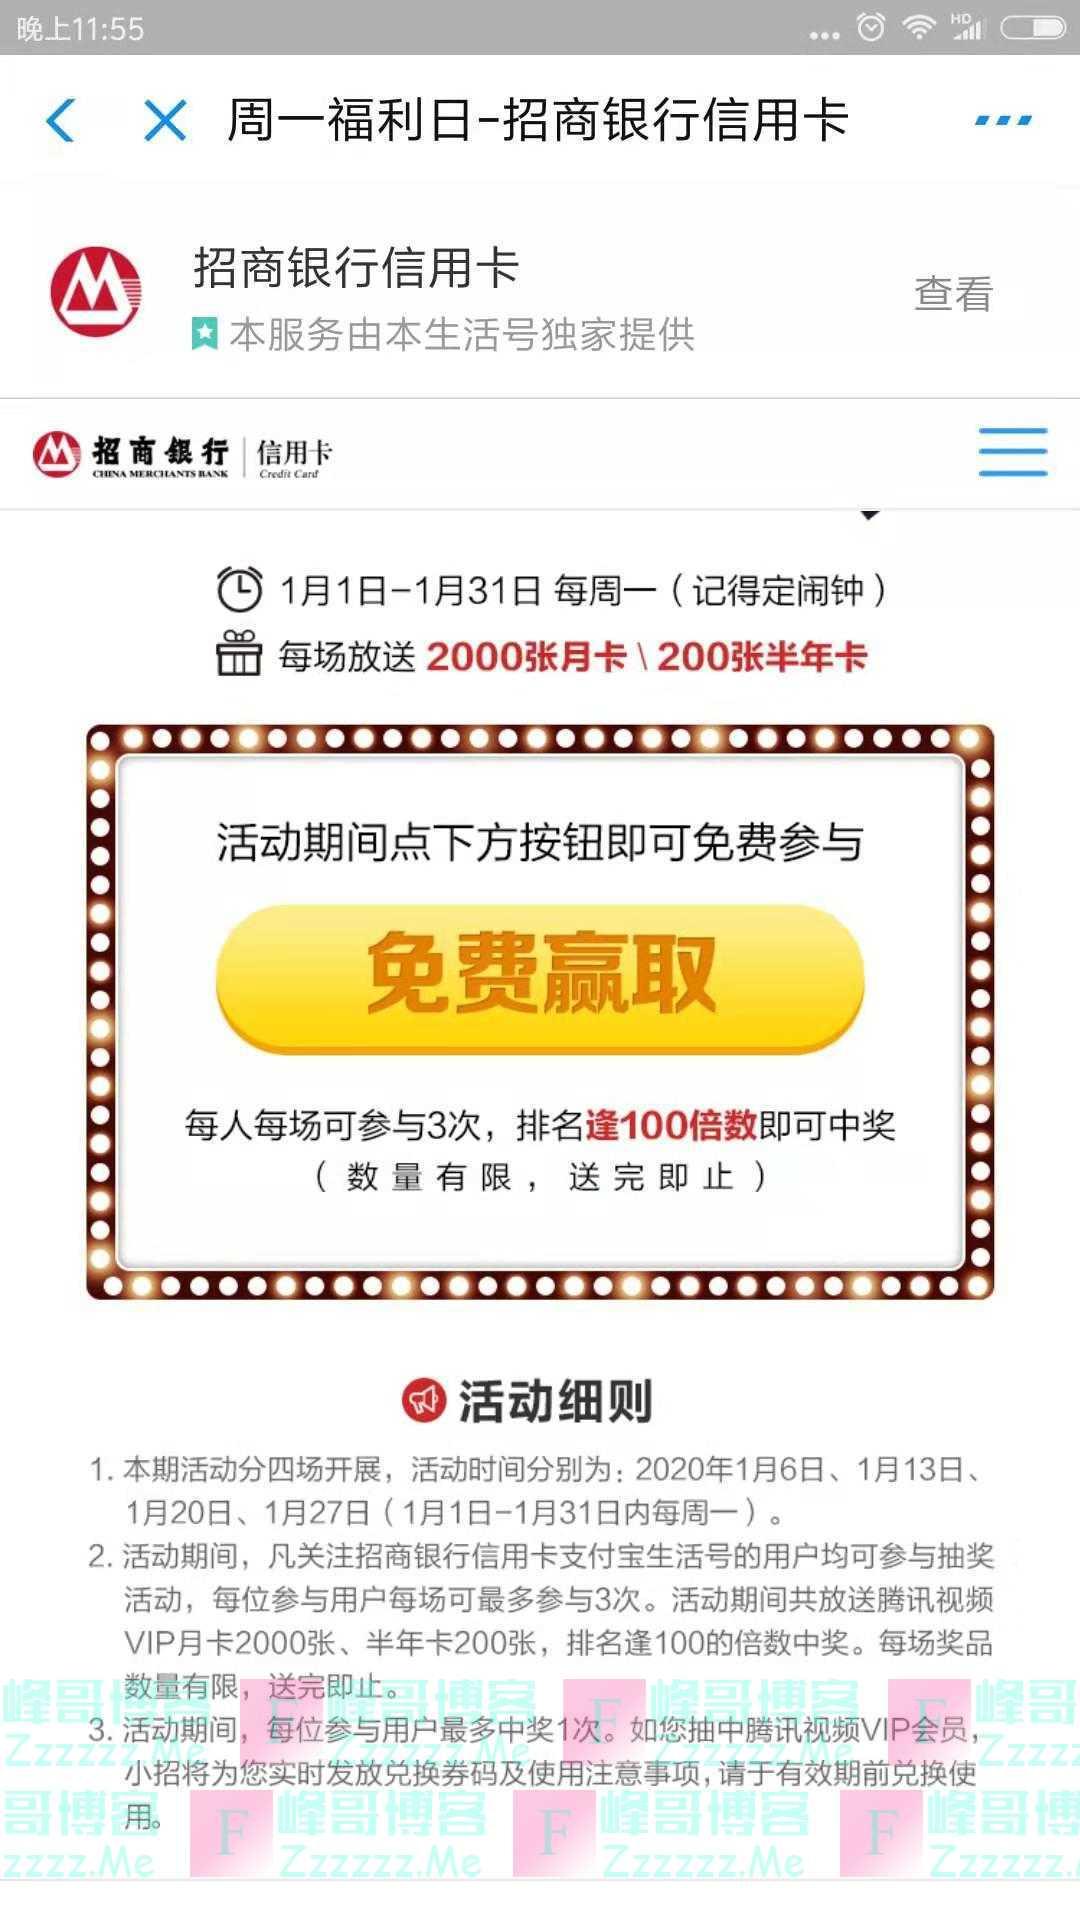 招商银行xing/用卡周一福利日抽视频会员(截止1月31日)